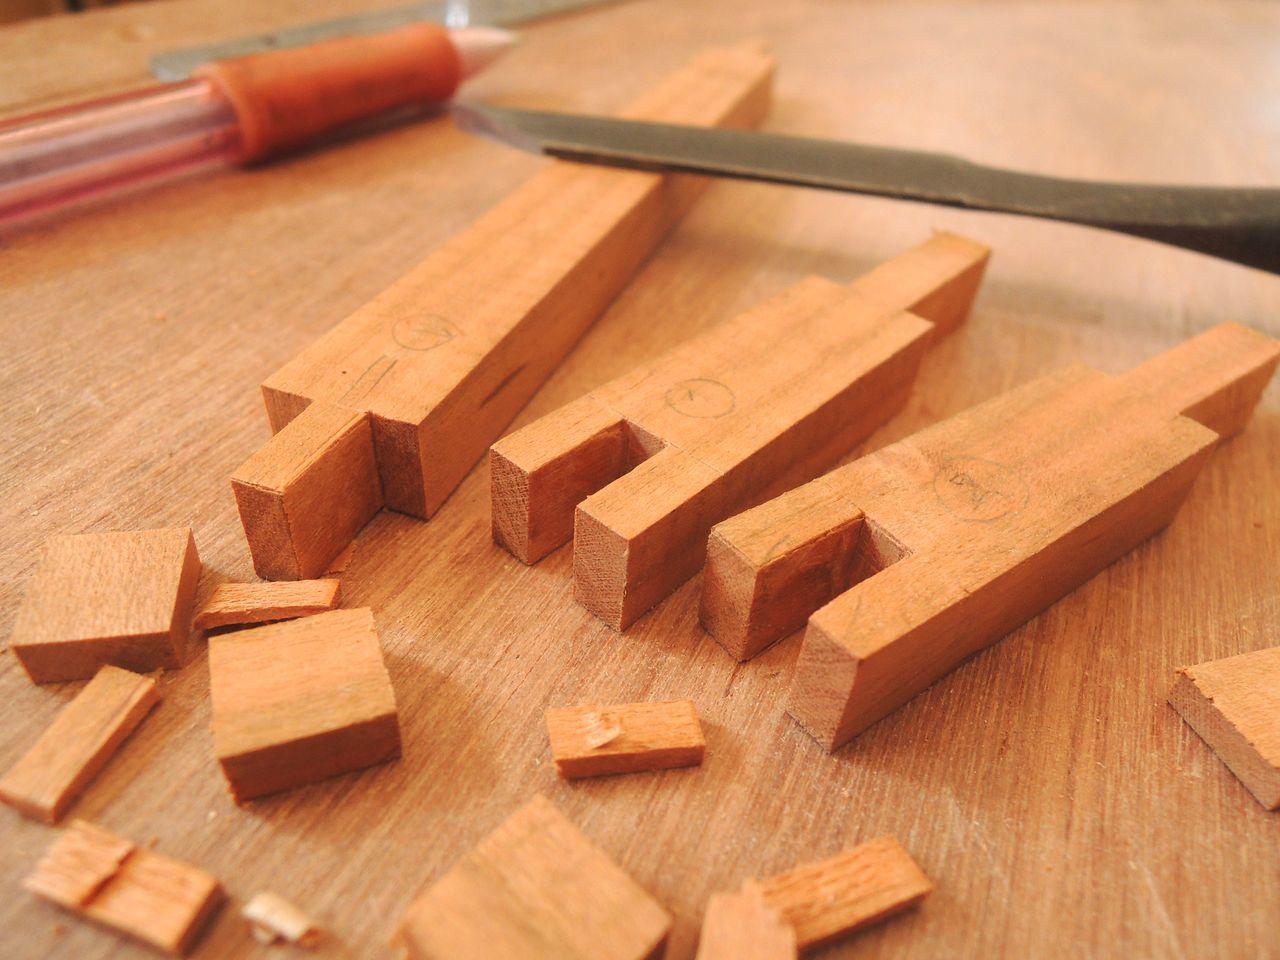 木工 藤原次朗の手仕事 「取っ手付きカッティングボード」_e0248405_20081769.jpg